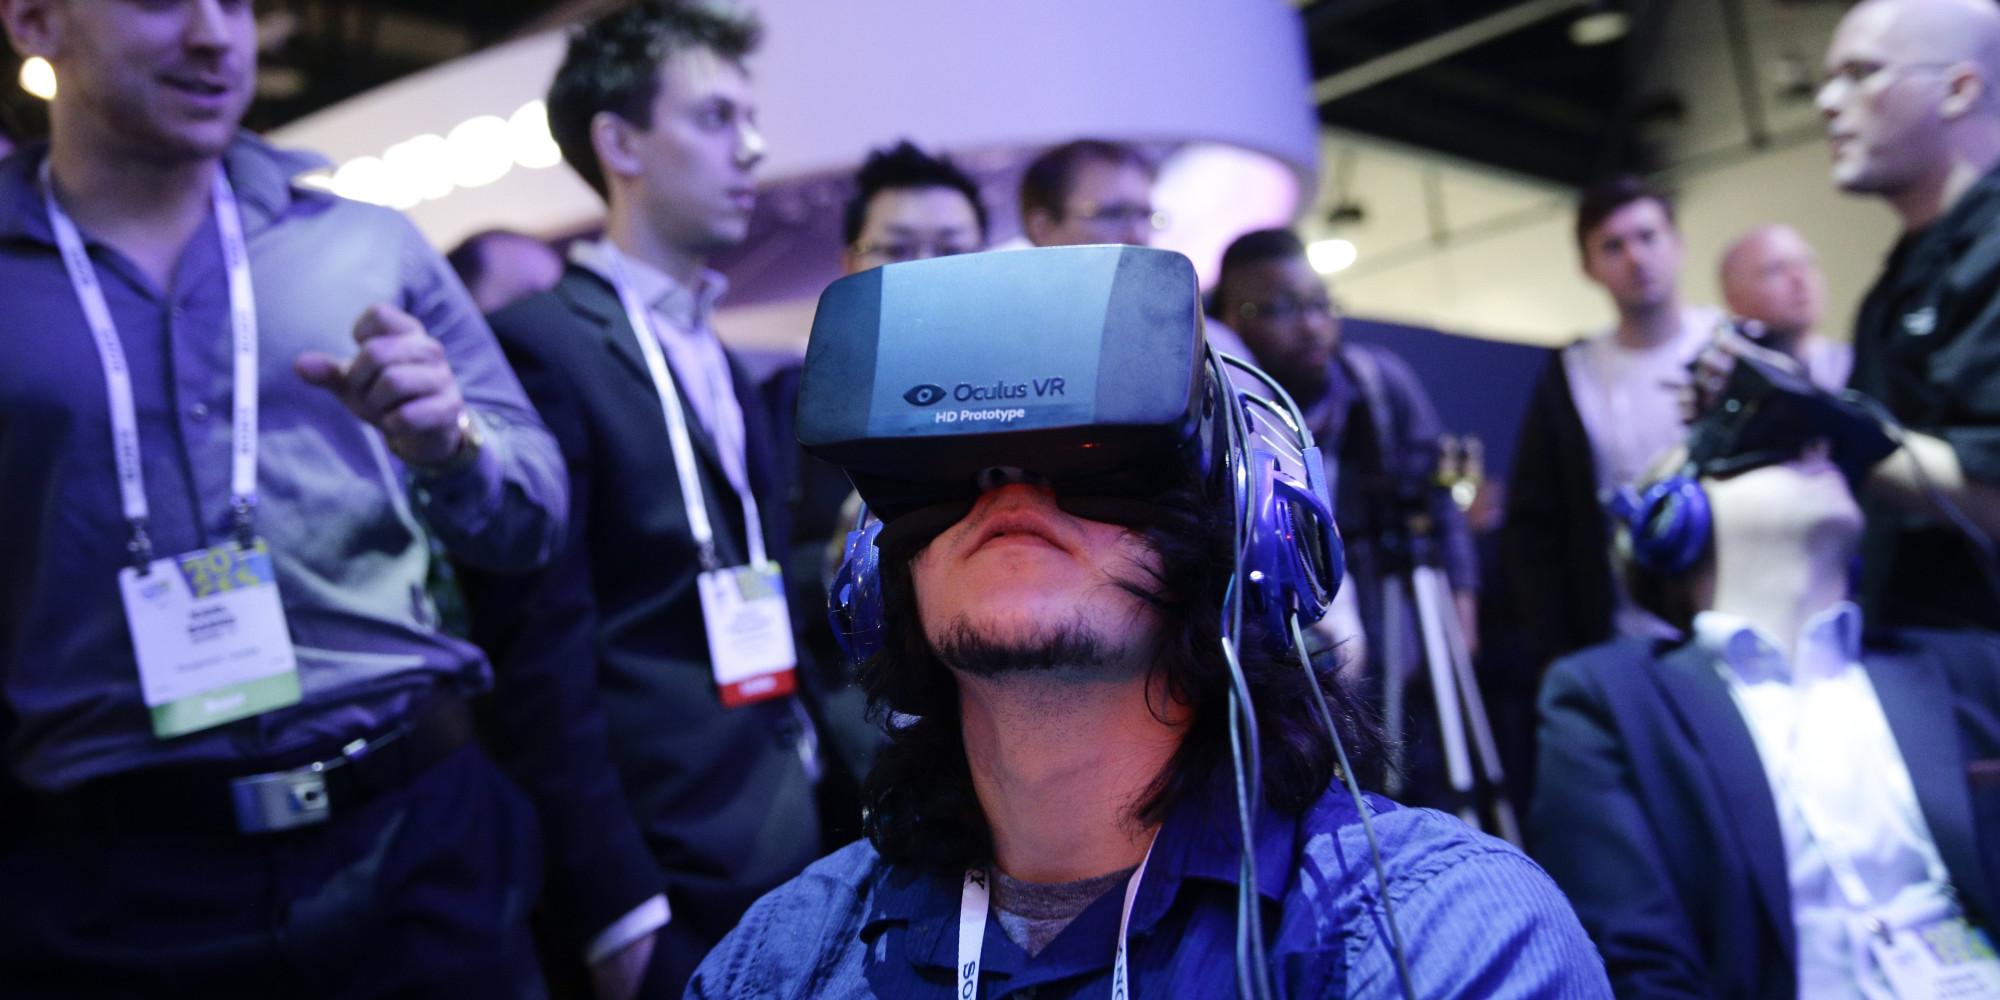 Oculus Rift будут использовать для коммуникаций